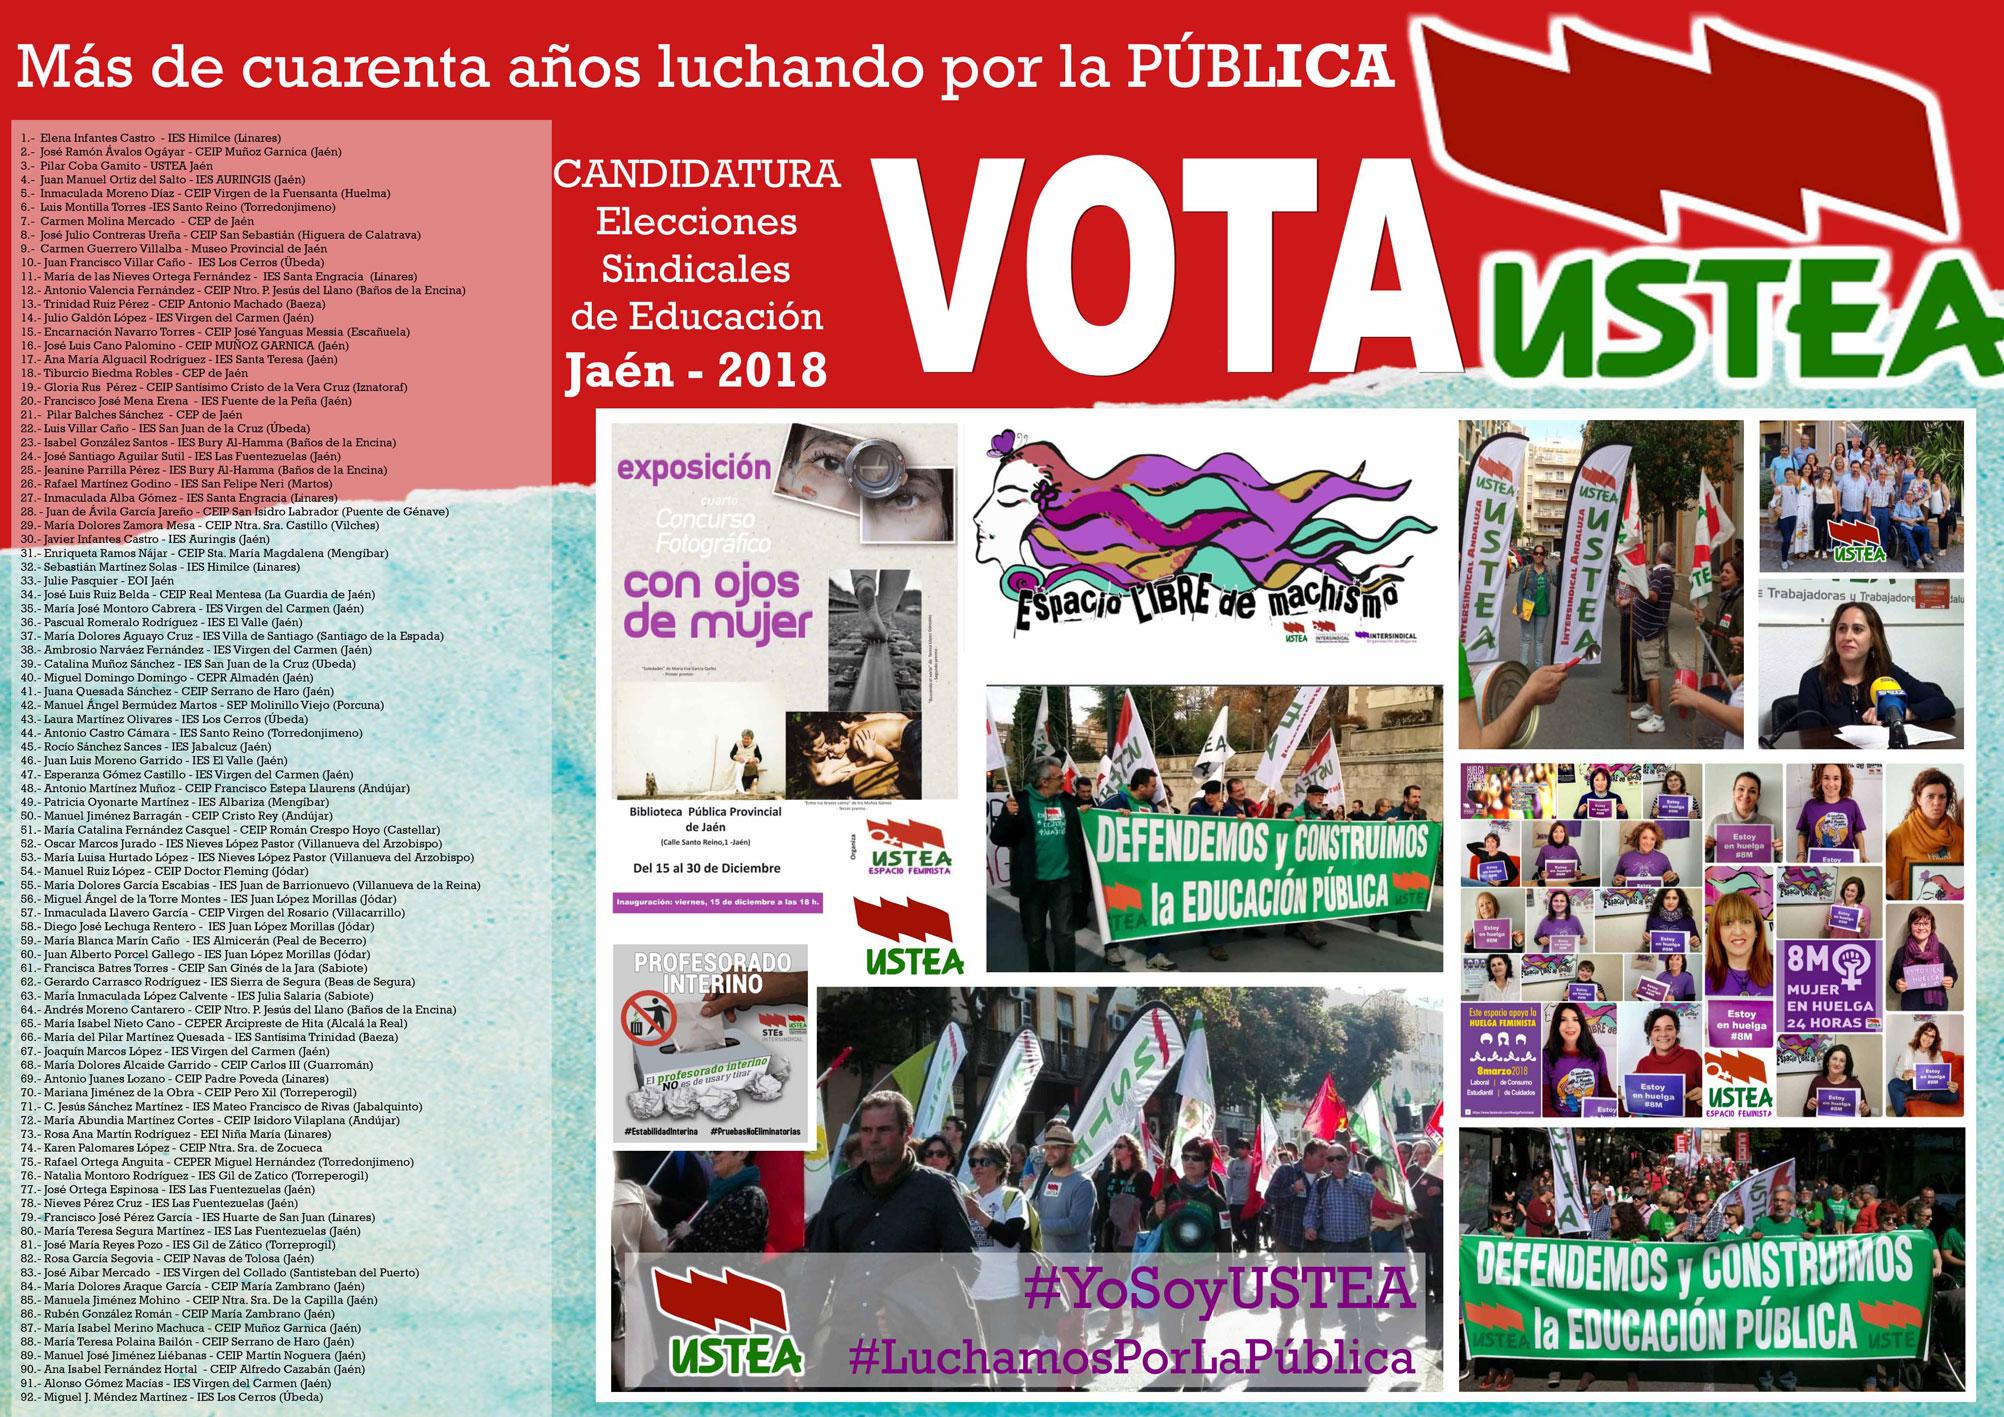 Elecciones sindicales2018 a quién votar Ustea jaén